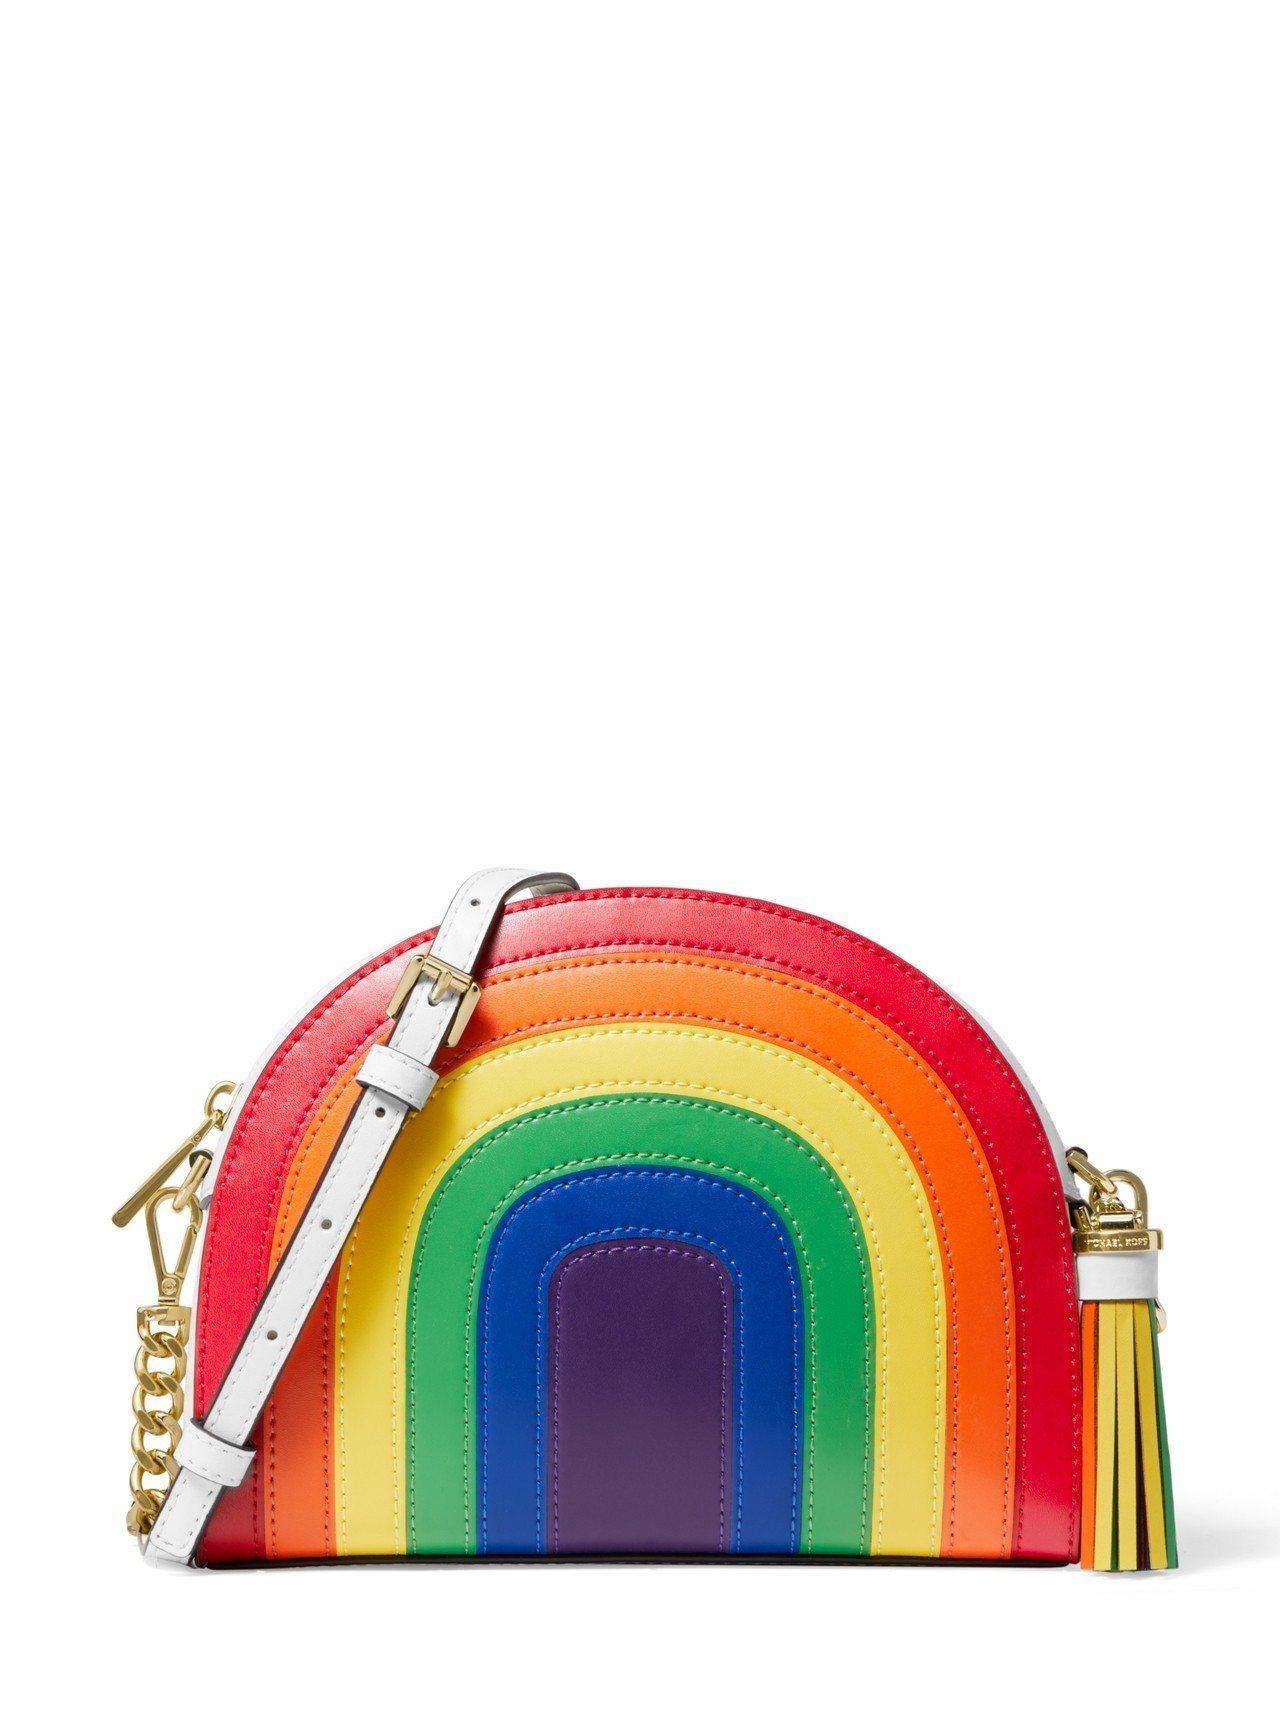 彩虹系列肩包,售價10,900元。圖/MICHAEL KORS提供